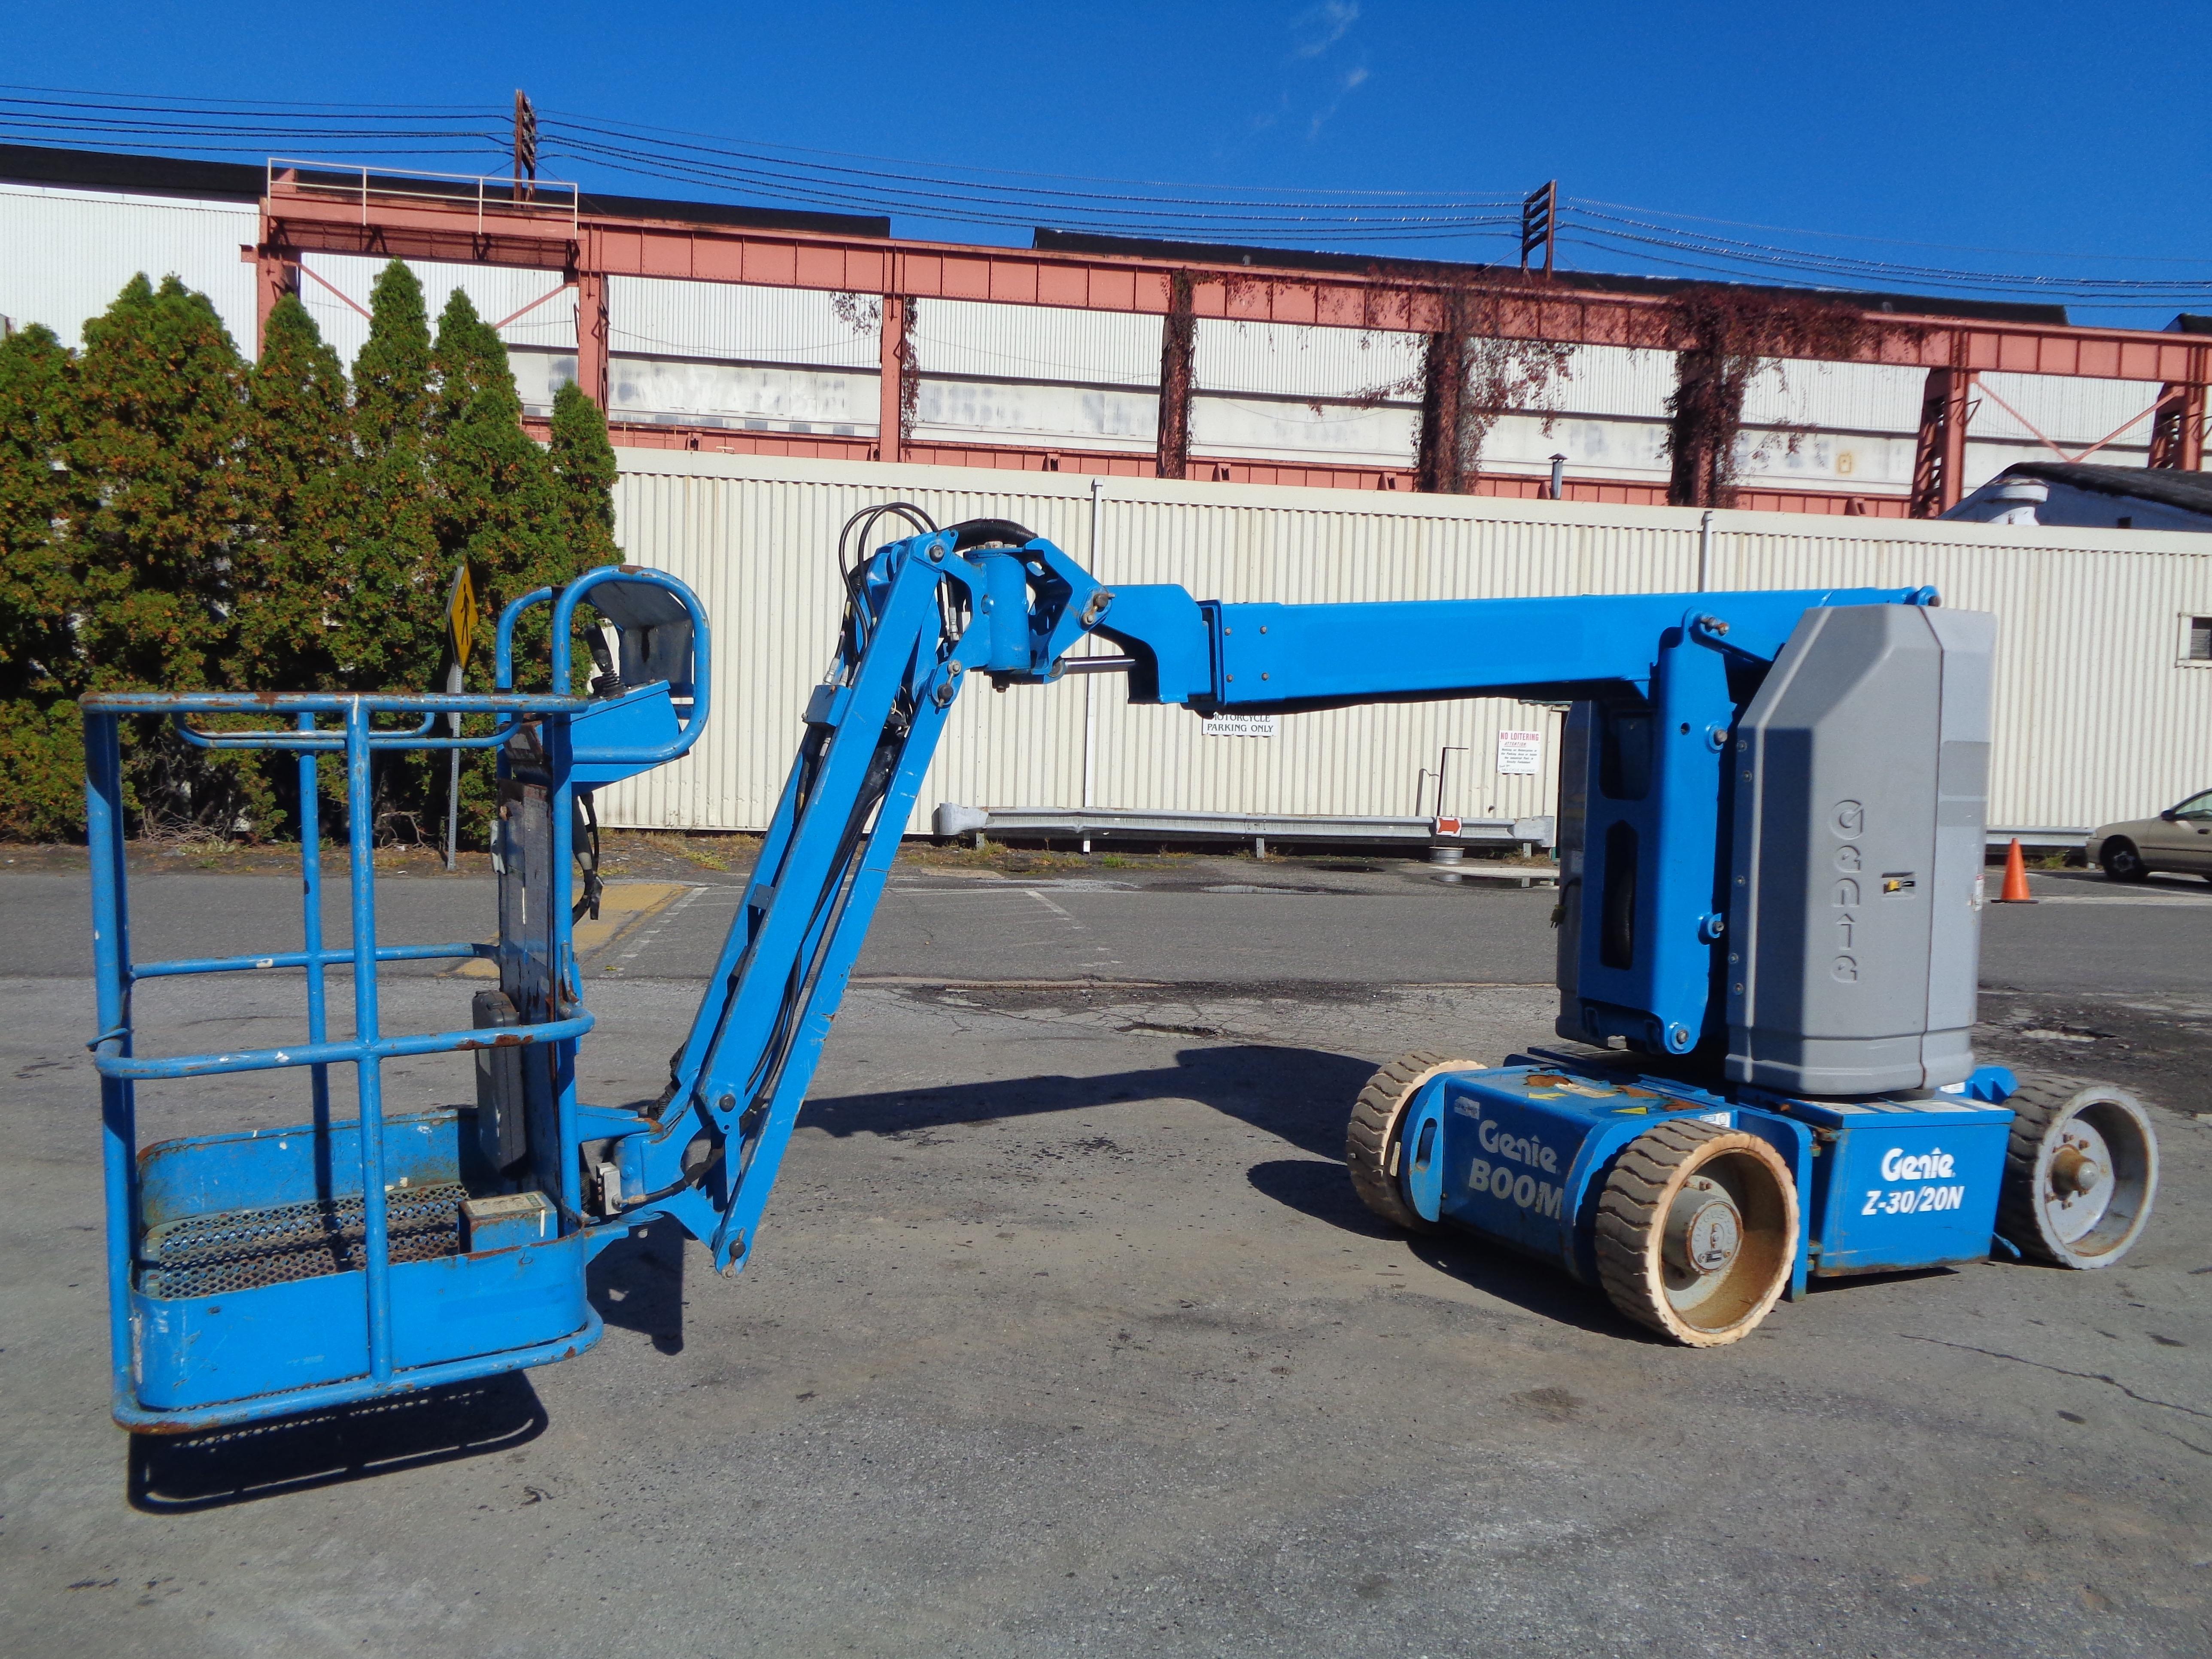 Lot 13 - 2011 Genie Z30 20N Boom Lift